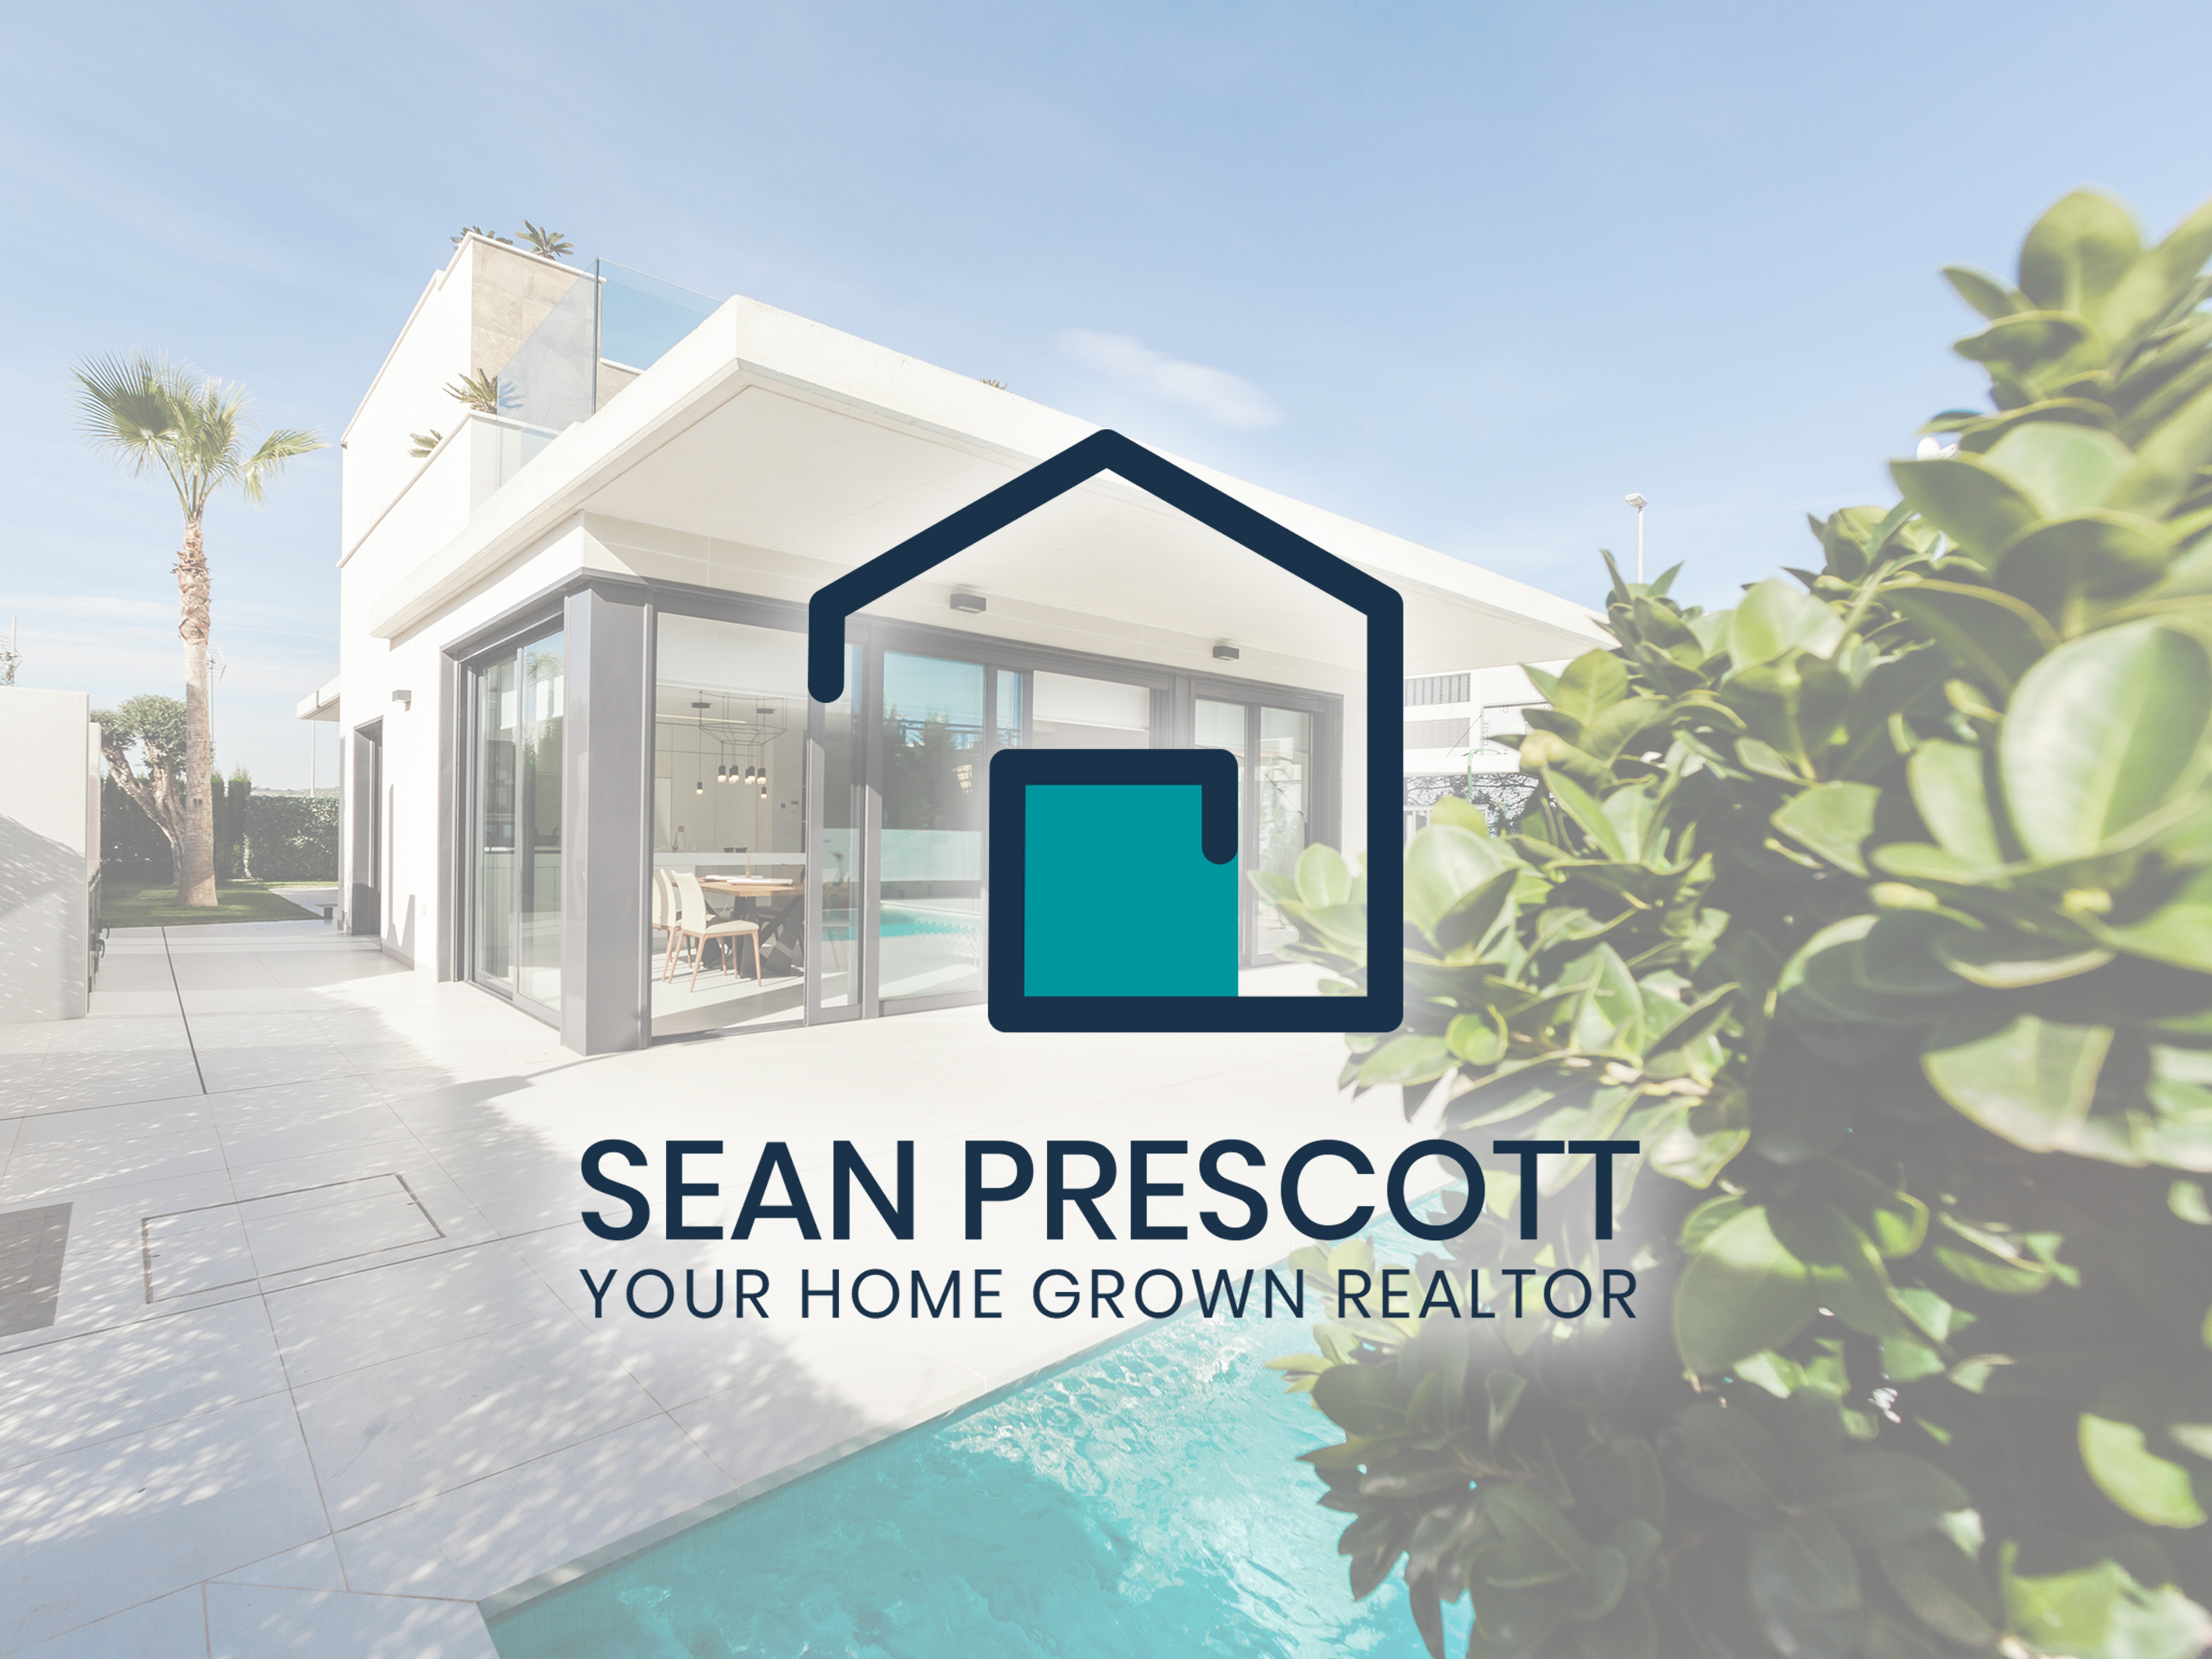 Sean undefined Prescott